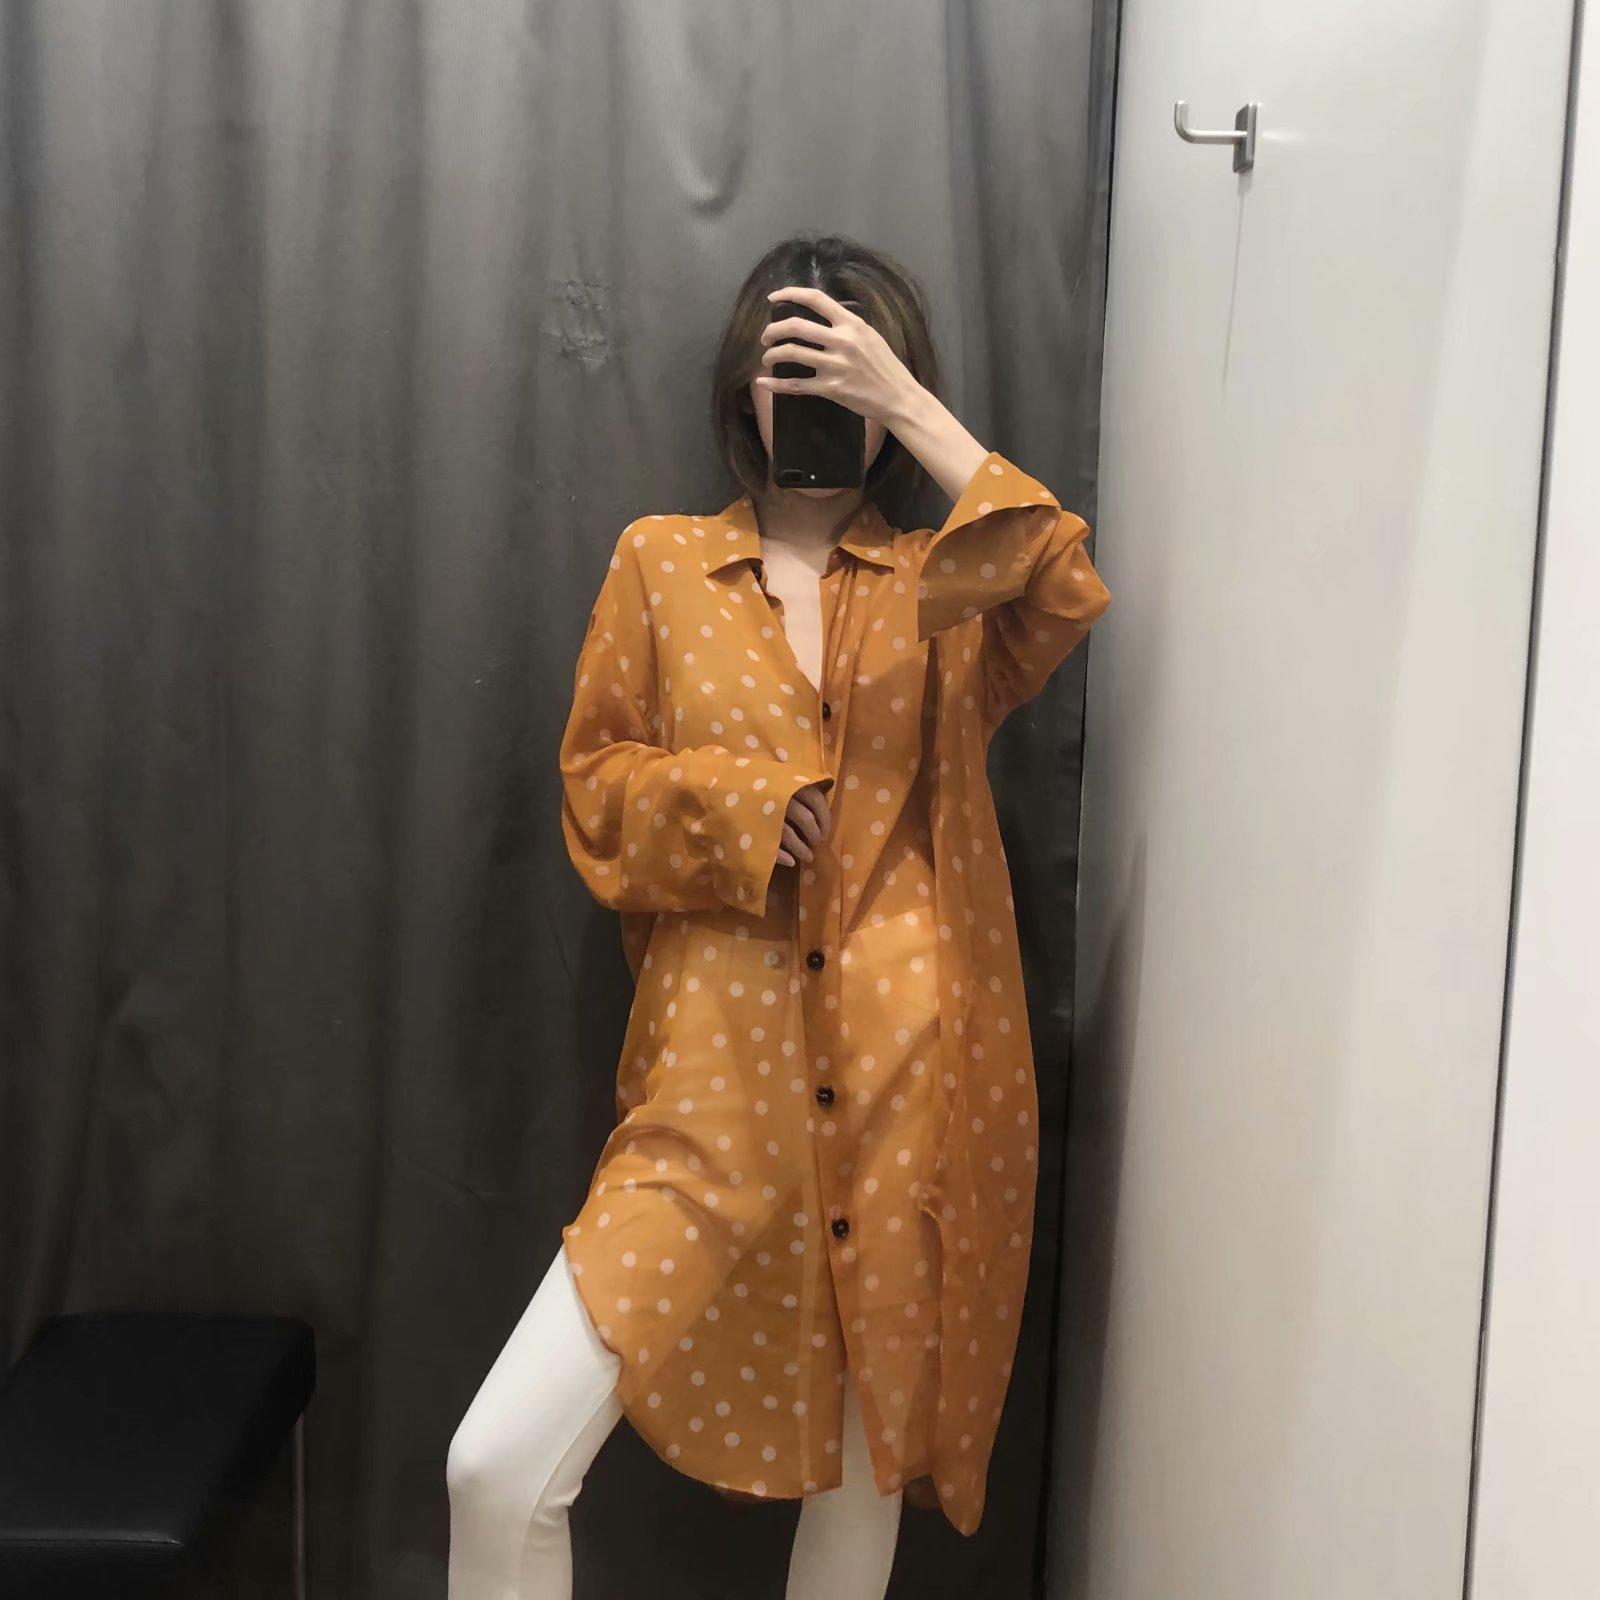 欧美批发2019夏季圆点印花女式中长款雪纺衬衫N8-23103